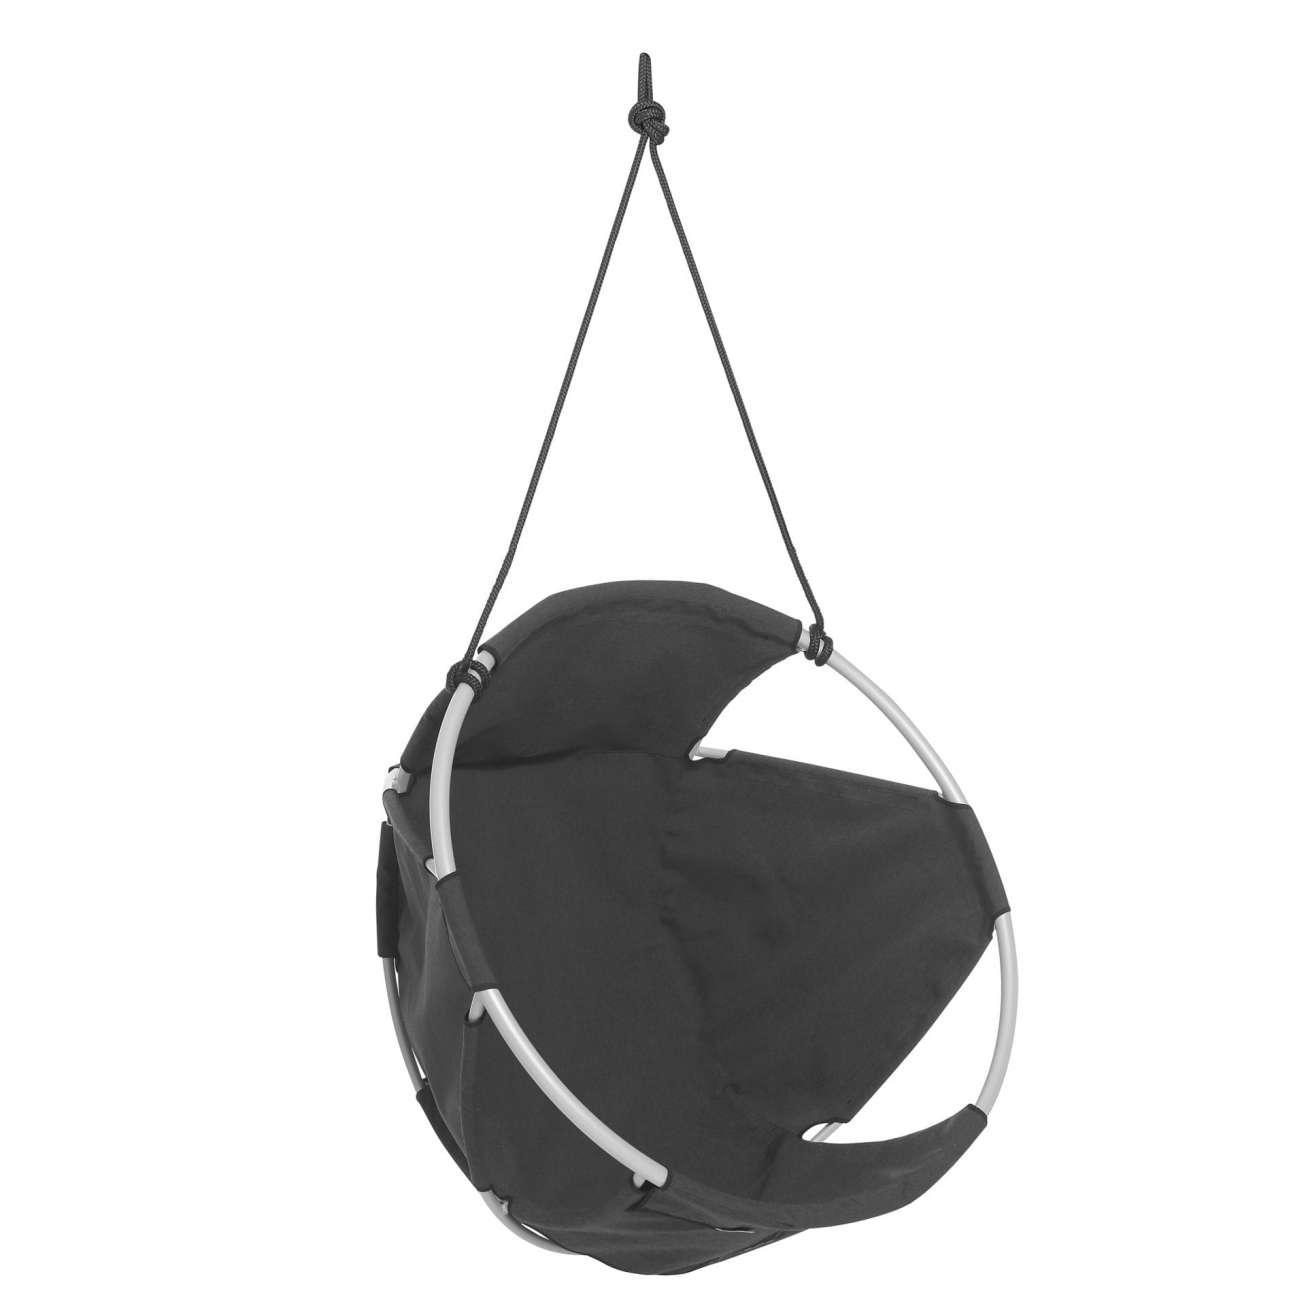 Fine-design-1129-1_cocoon-hang-chair-graphite2 Hagemøbler og utemøbler - Fine design